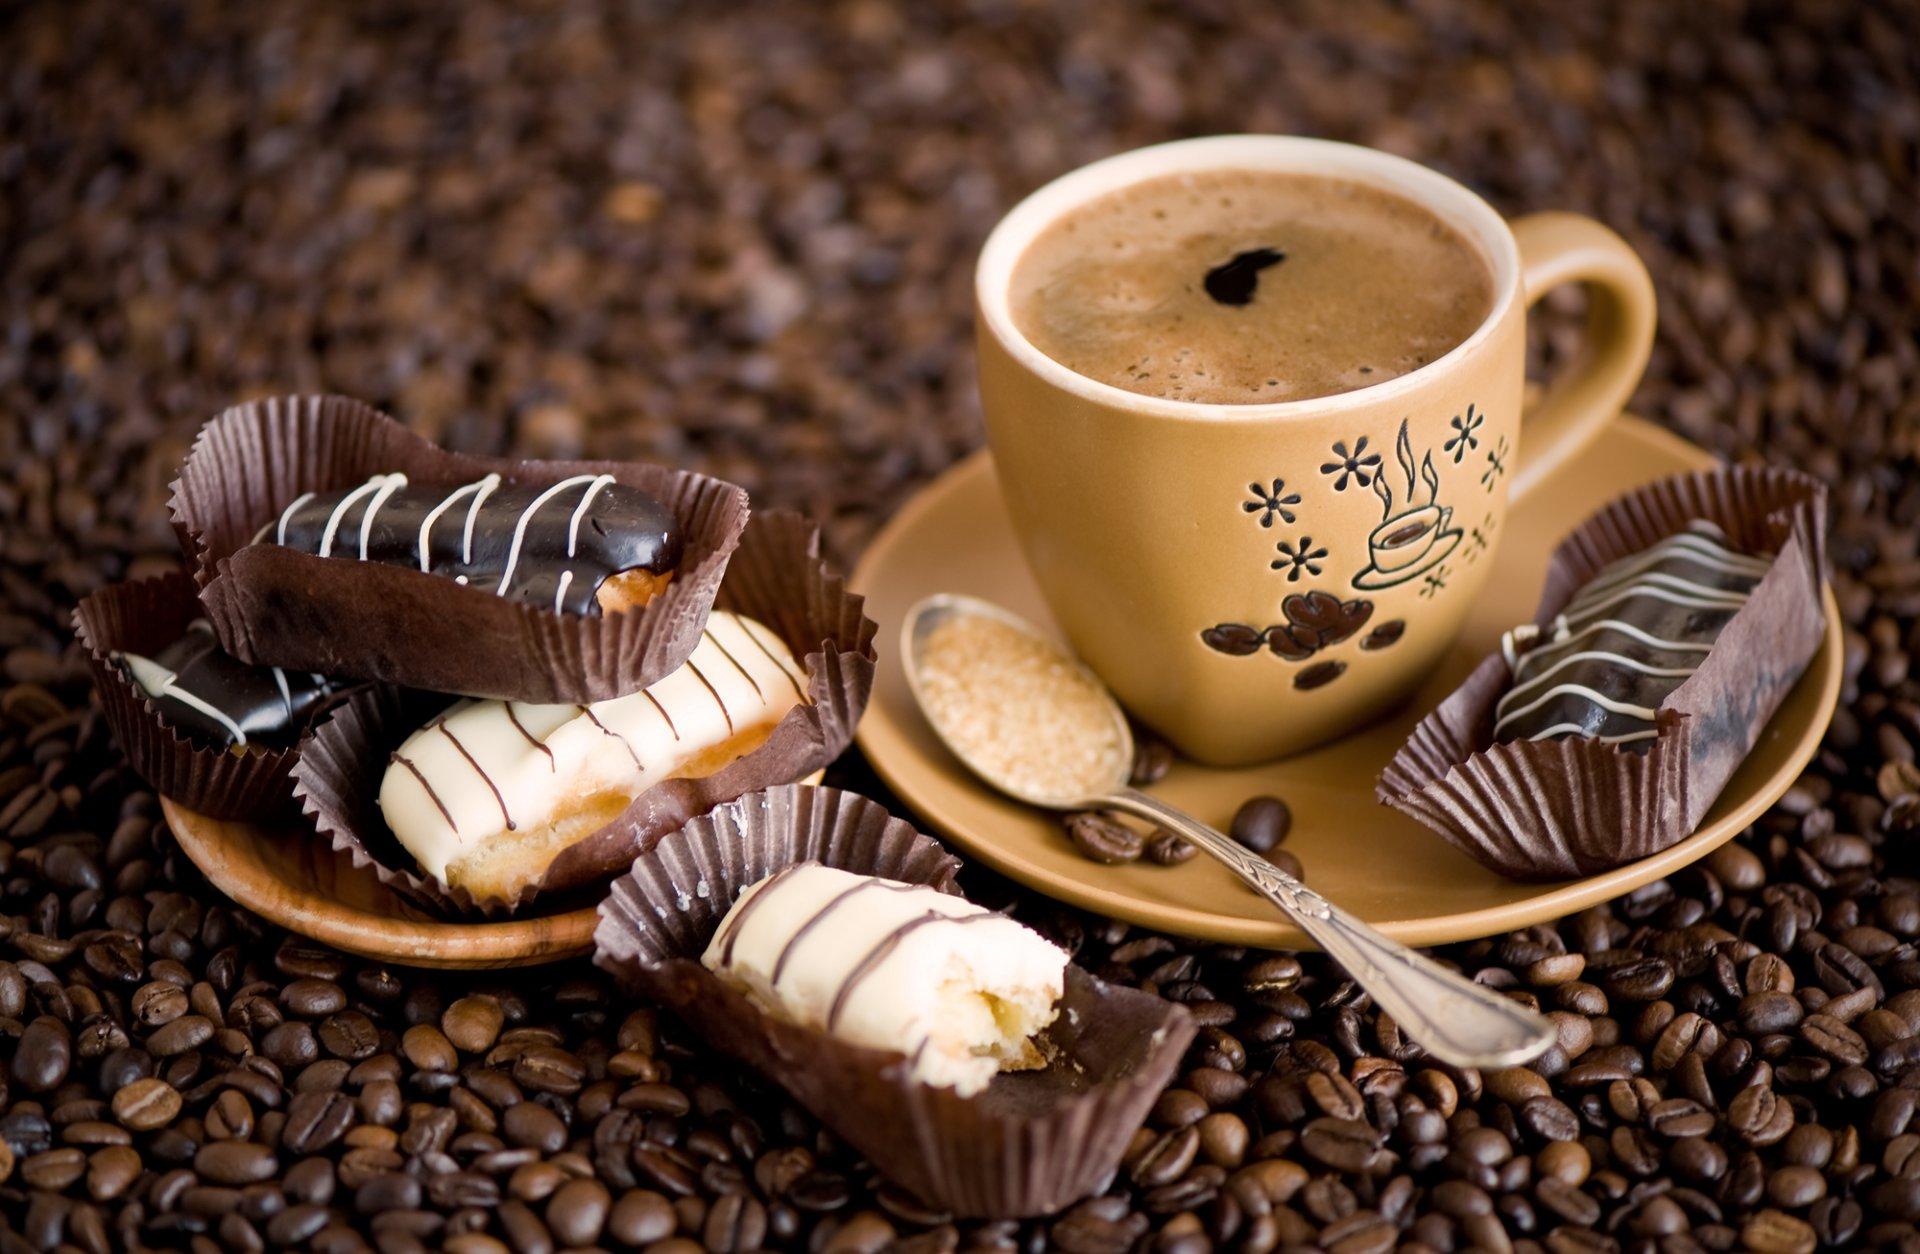 красивые открытки с добрым утром чашка кофе используется складах